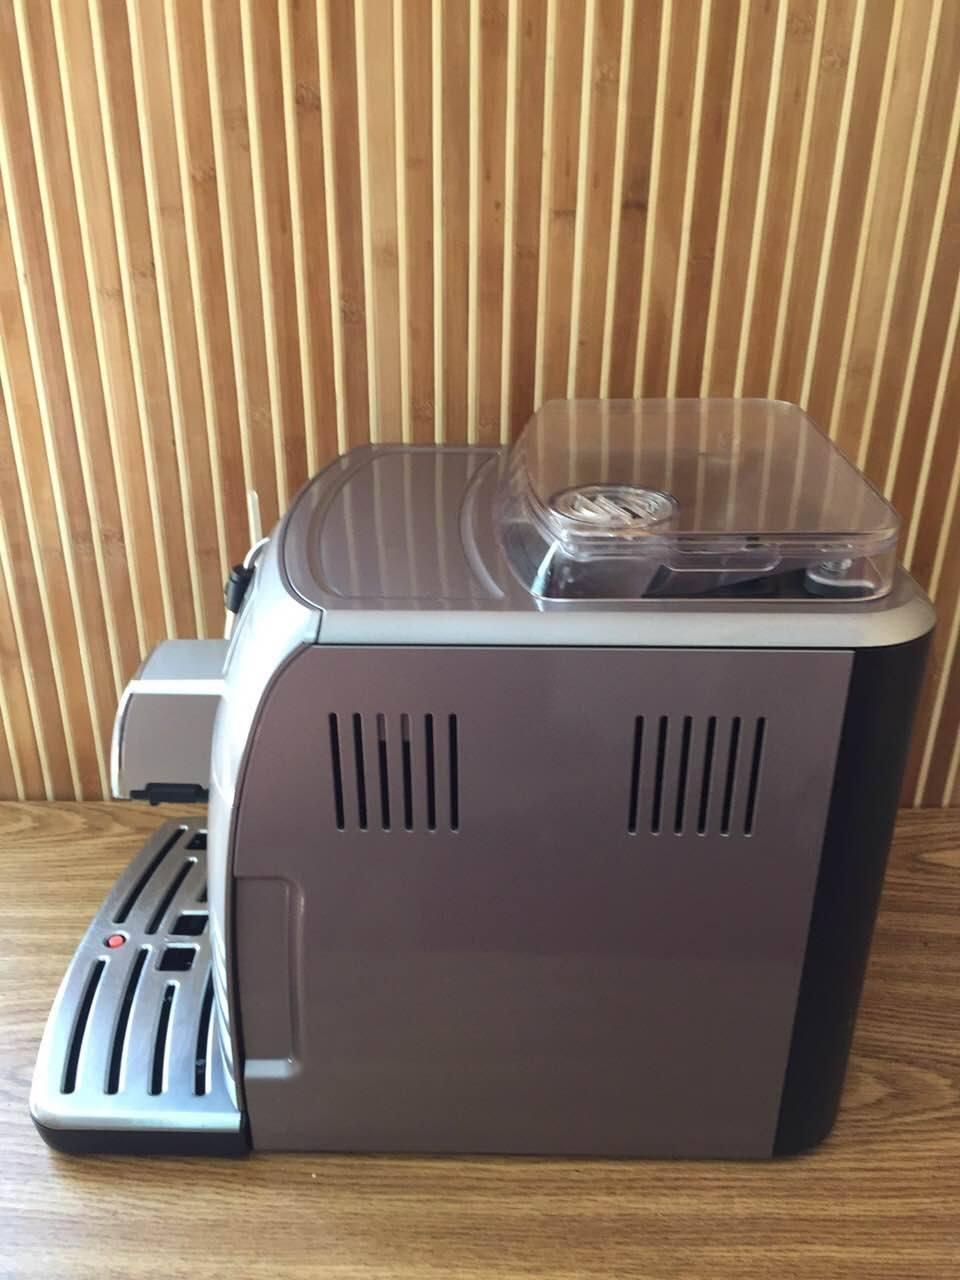 Таку кавоварку можна поставити, як вдома, так і в офісі. Вона підходить до будь-якого місця й добре впишеться в ваш стиль. Кавову машину даної моделі можна назвати класичною, адже вона виконує стандартні операції без специфічних функцій.